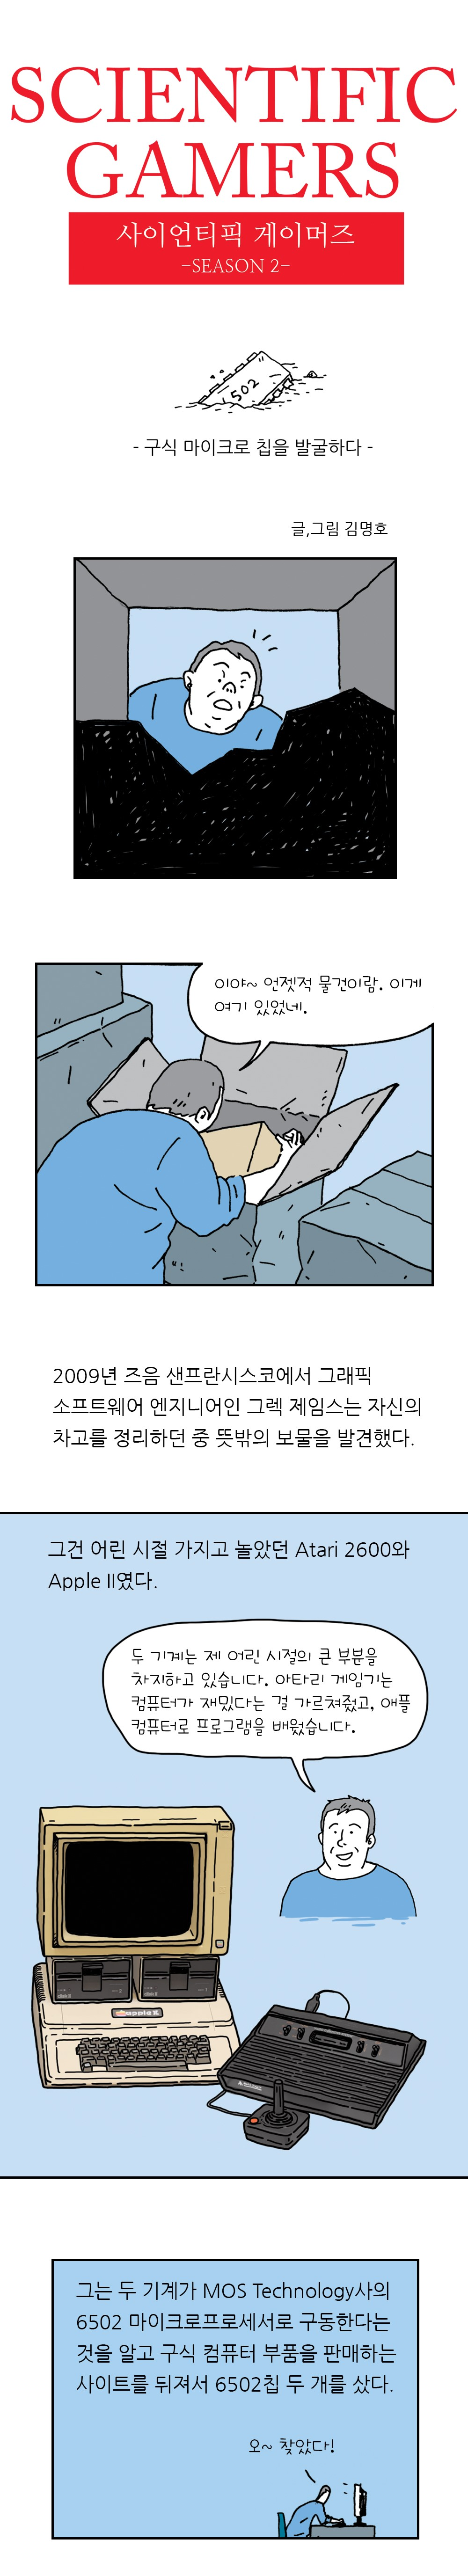 사이언티픽 게이머즈 시즌2 #10 구식 마이크로 칩을 발굴하다 1